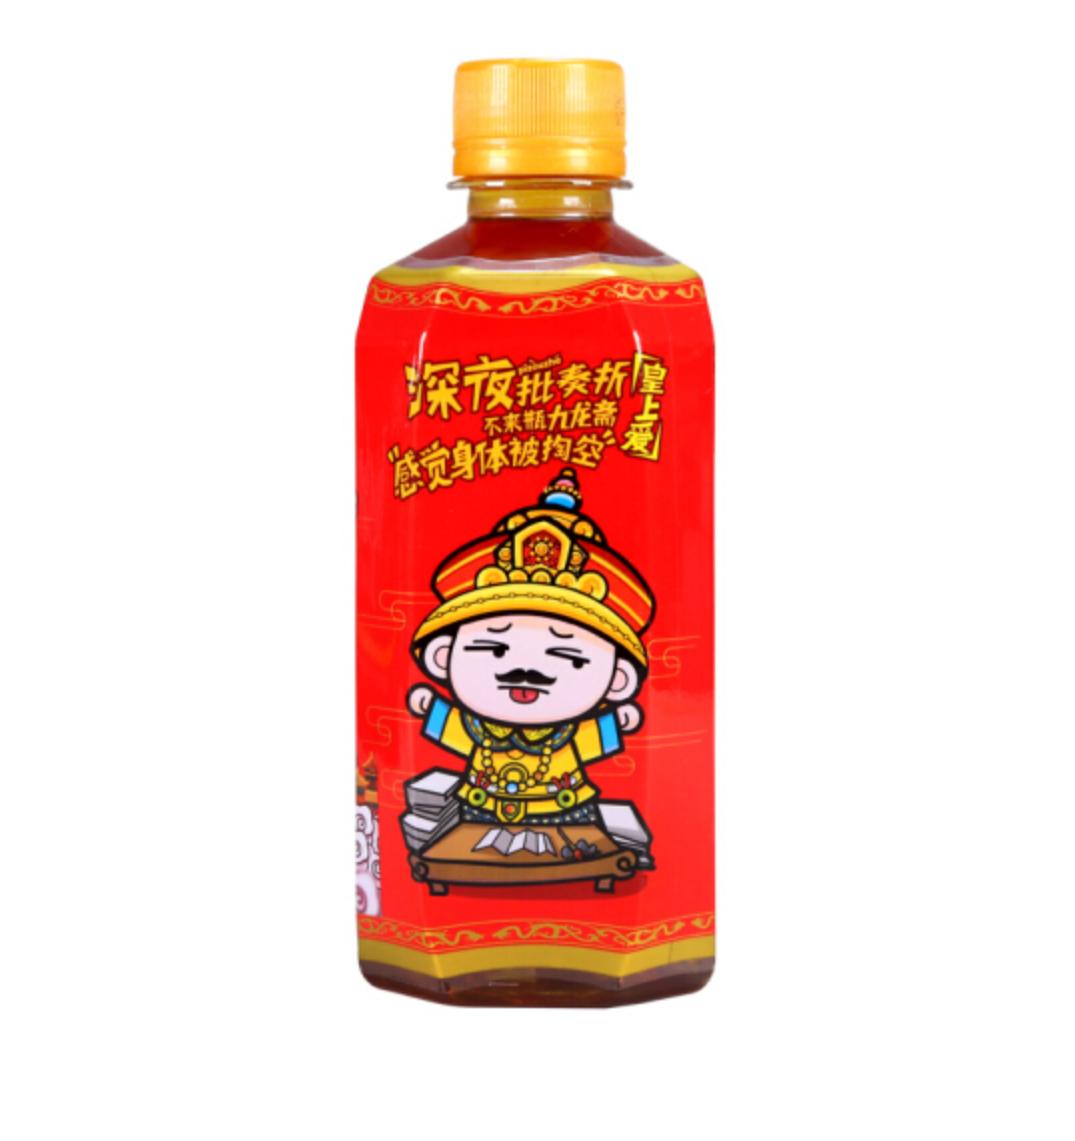 九龙斋老北京风味酸梅汤饮料 400ml*6瓶解暑饮料冰糖熬制【图5】